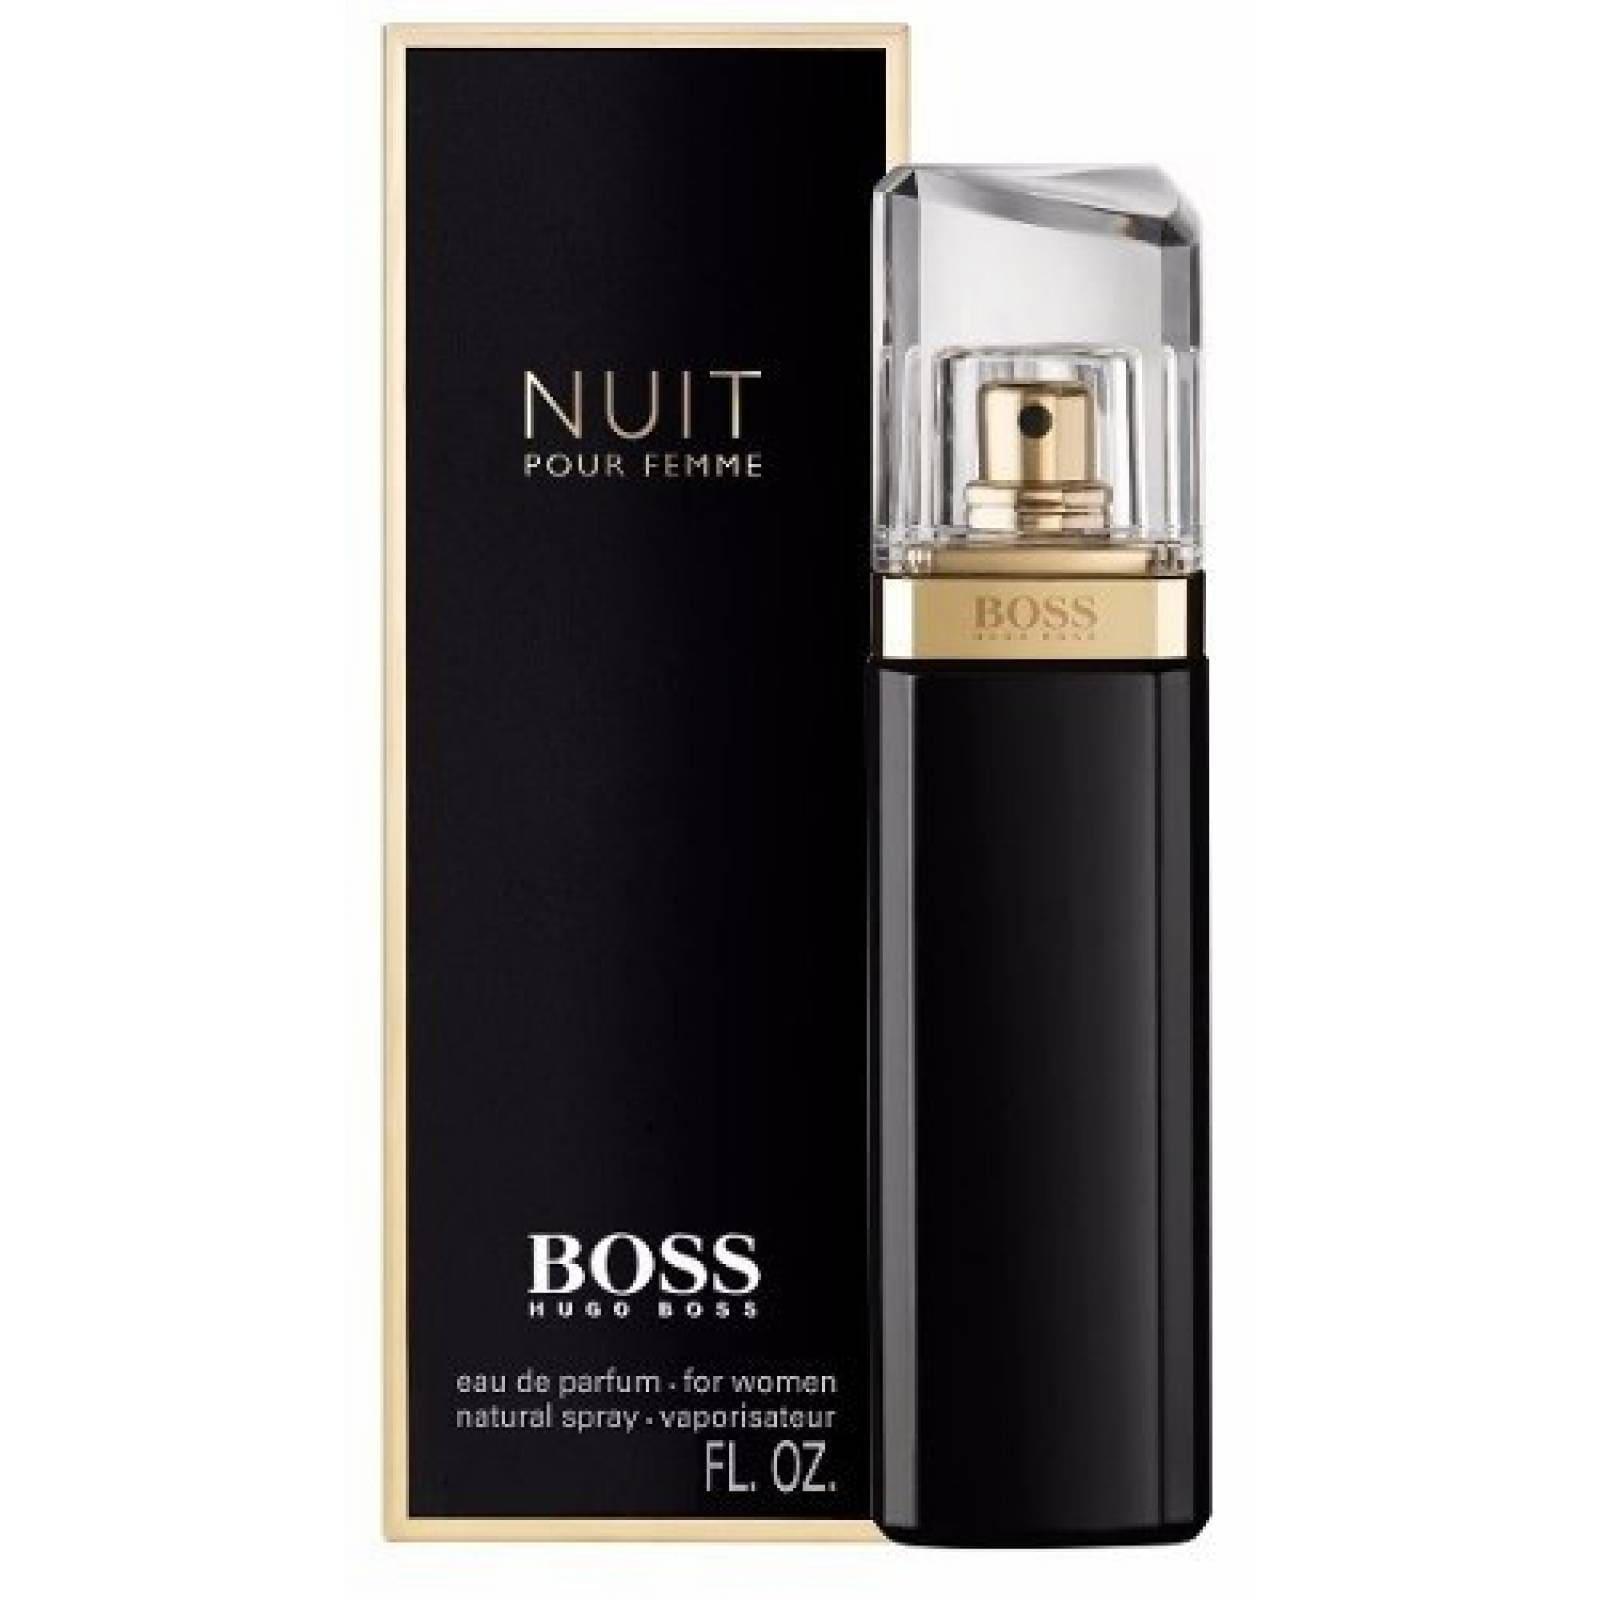 Nuit Pour Femme Dama 75 Ml Hugo Boss Edp Spray - Original